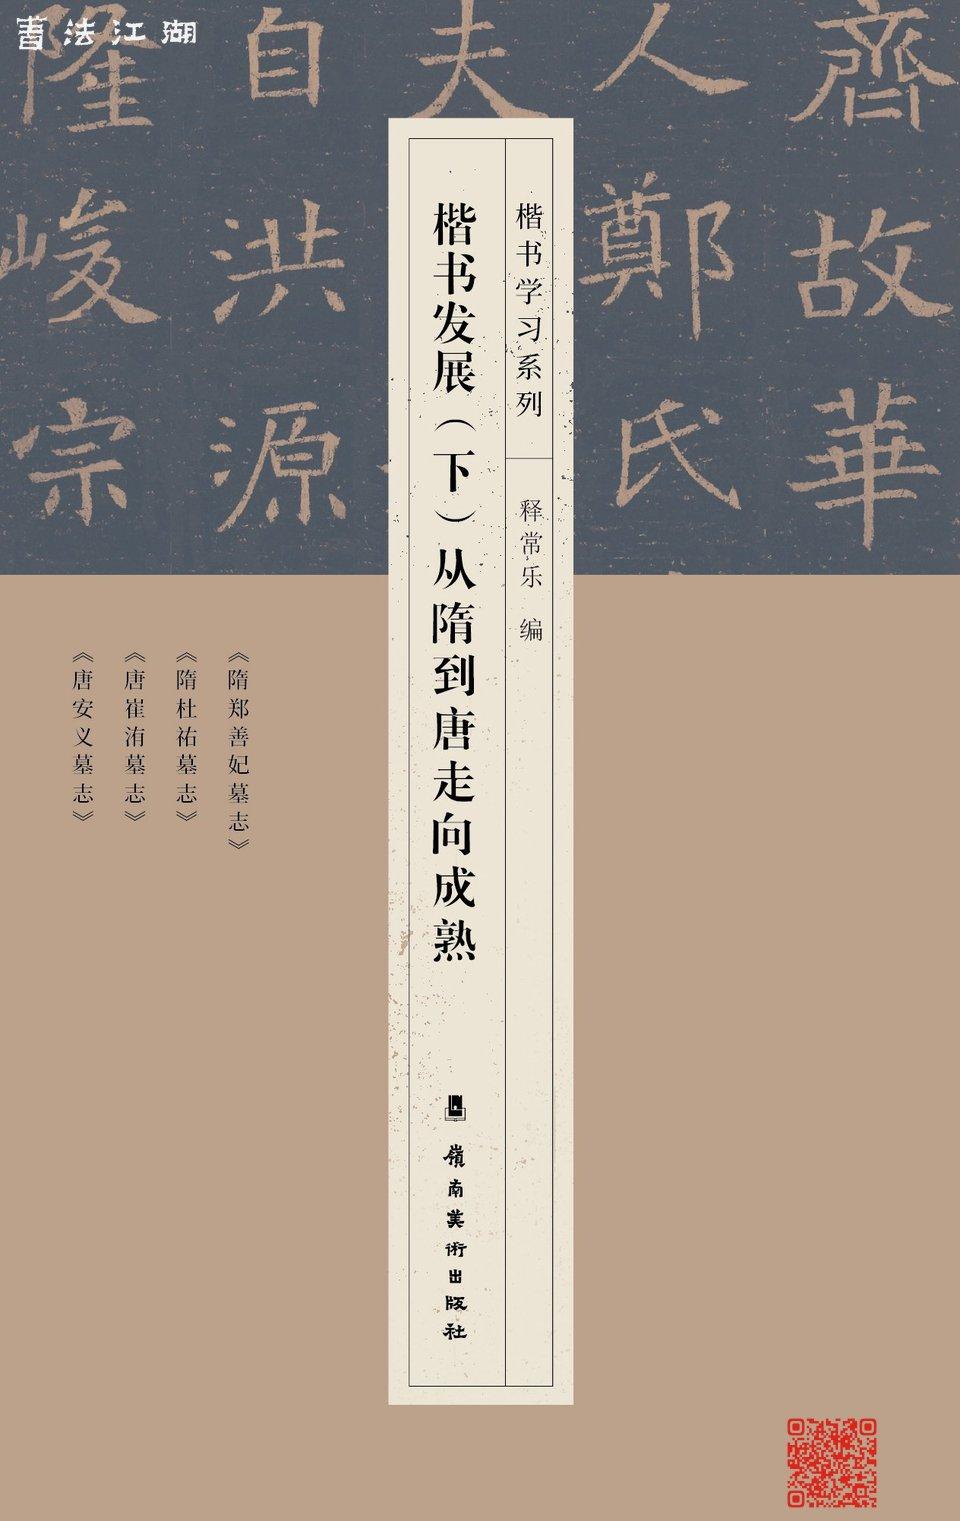 2-楷书发展(下)从隋到唐走向成熟-封面-01.jpg